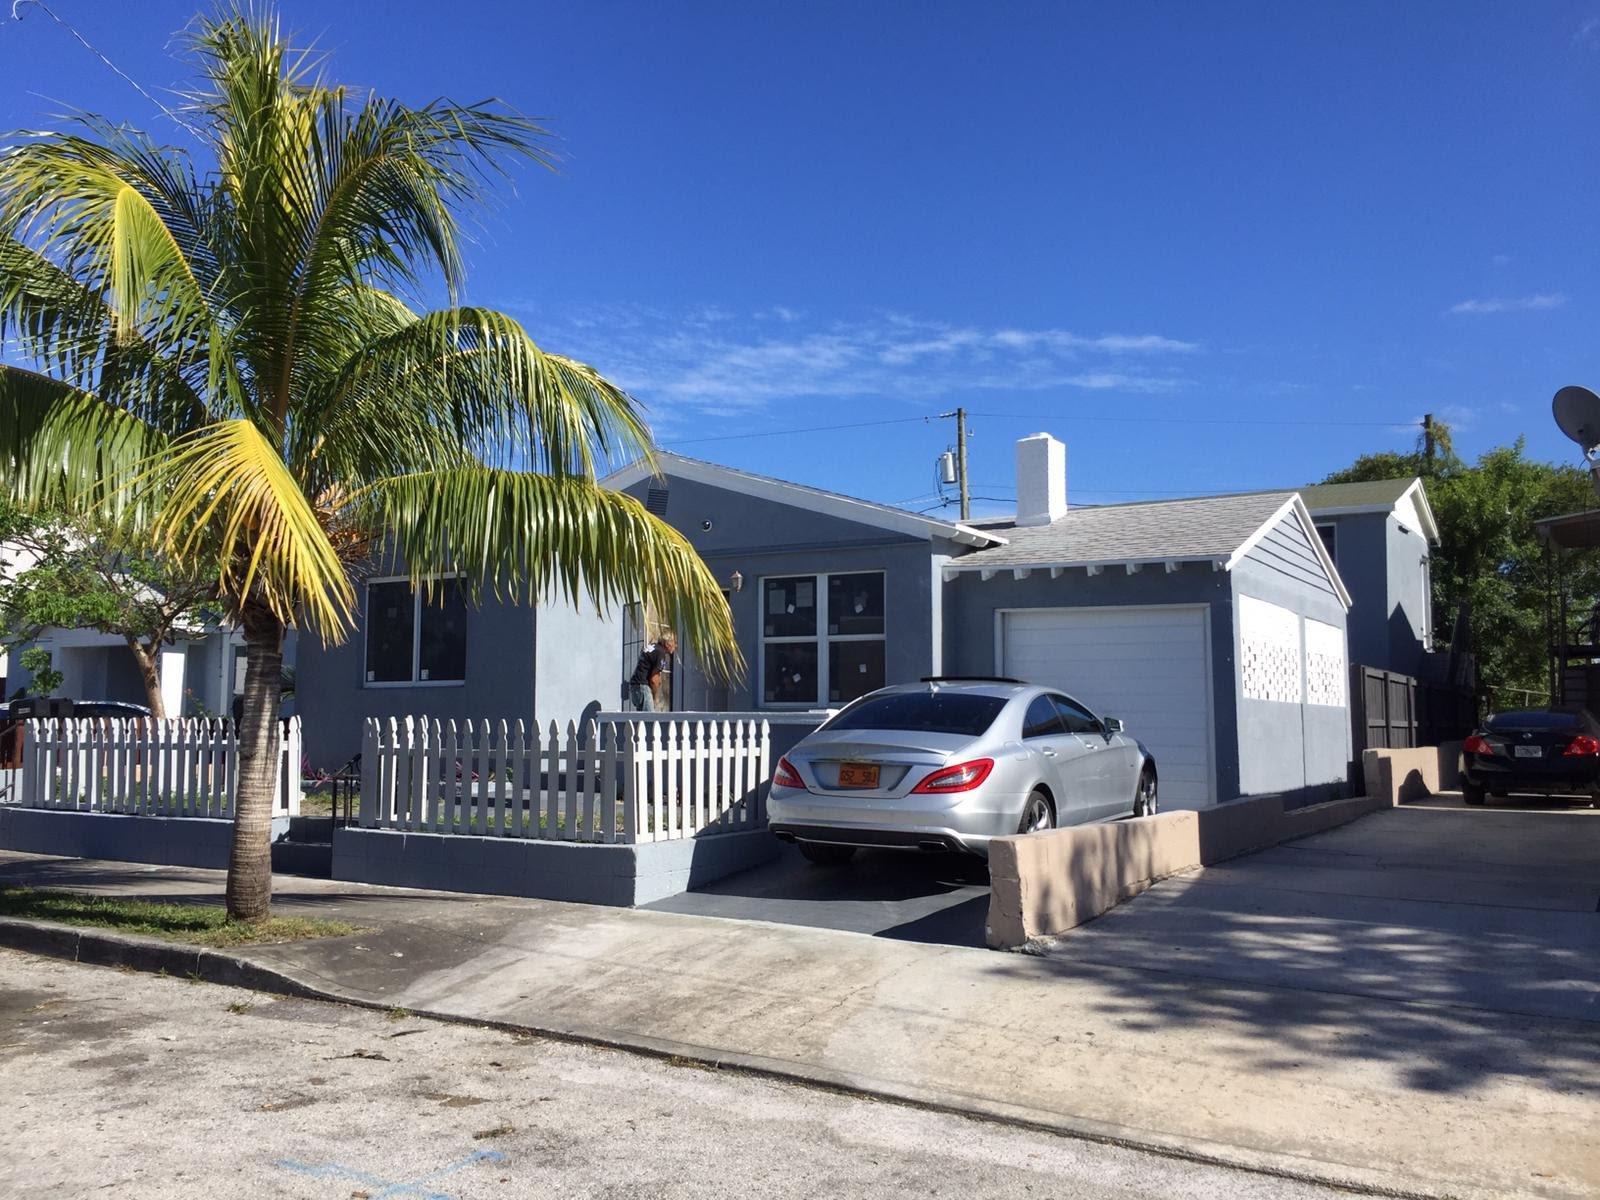 1104 17th St West Palm Beach, FL 33407 USA